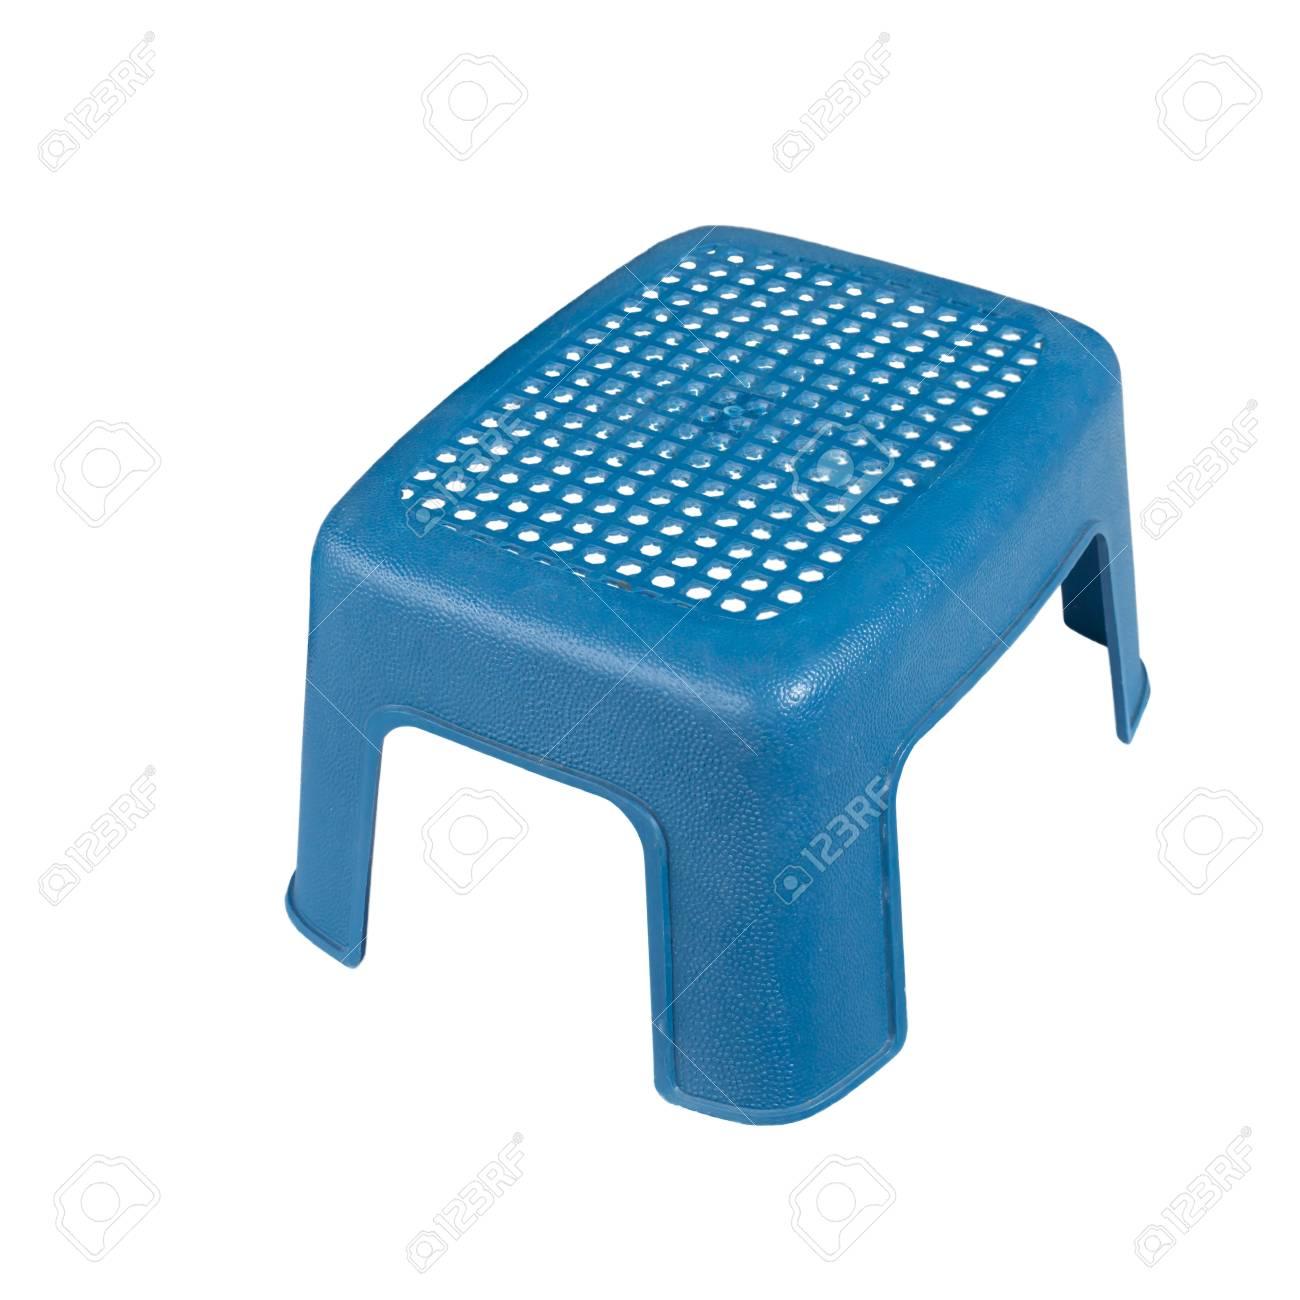 Blu sedia di plastica isolato su sfondo bianco